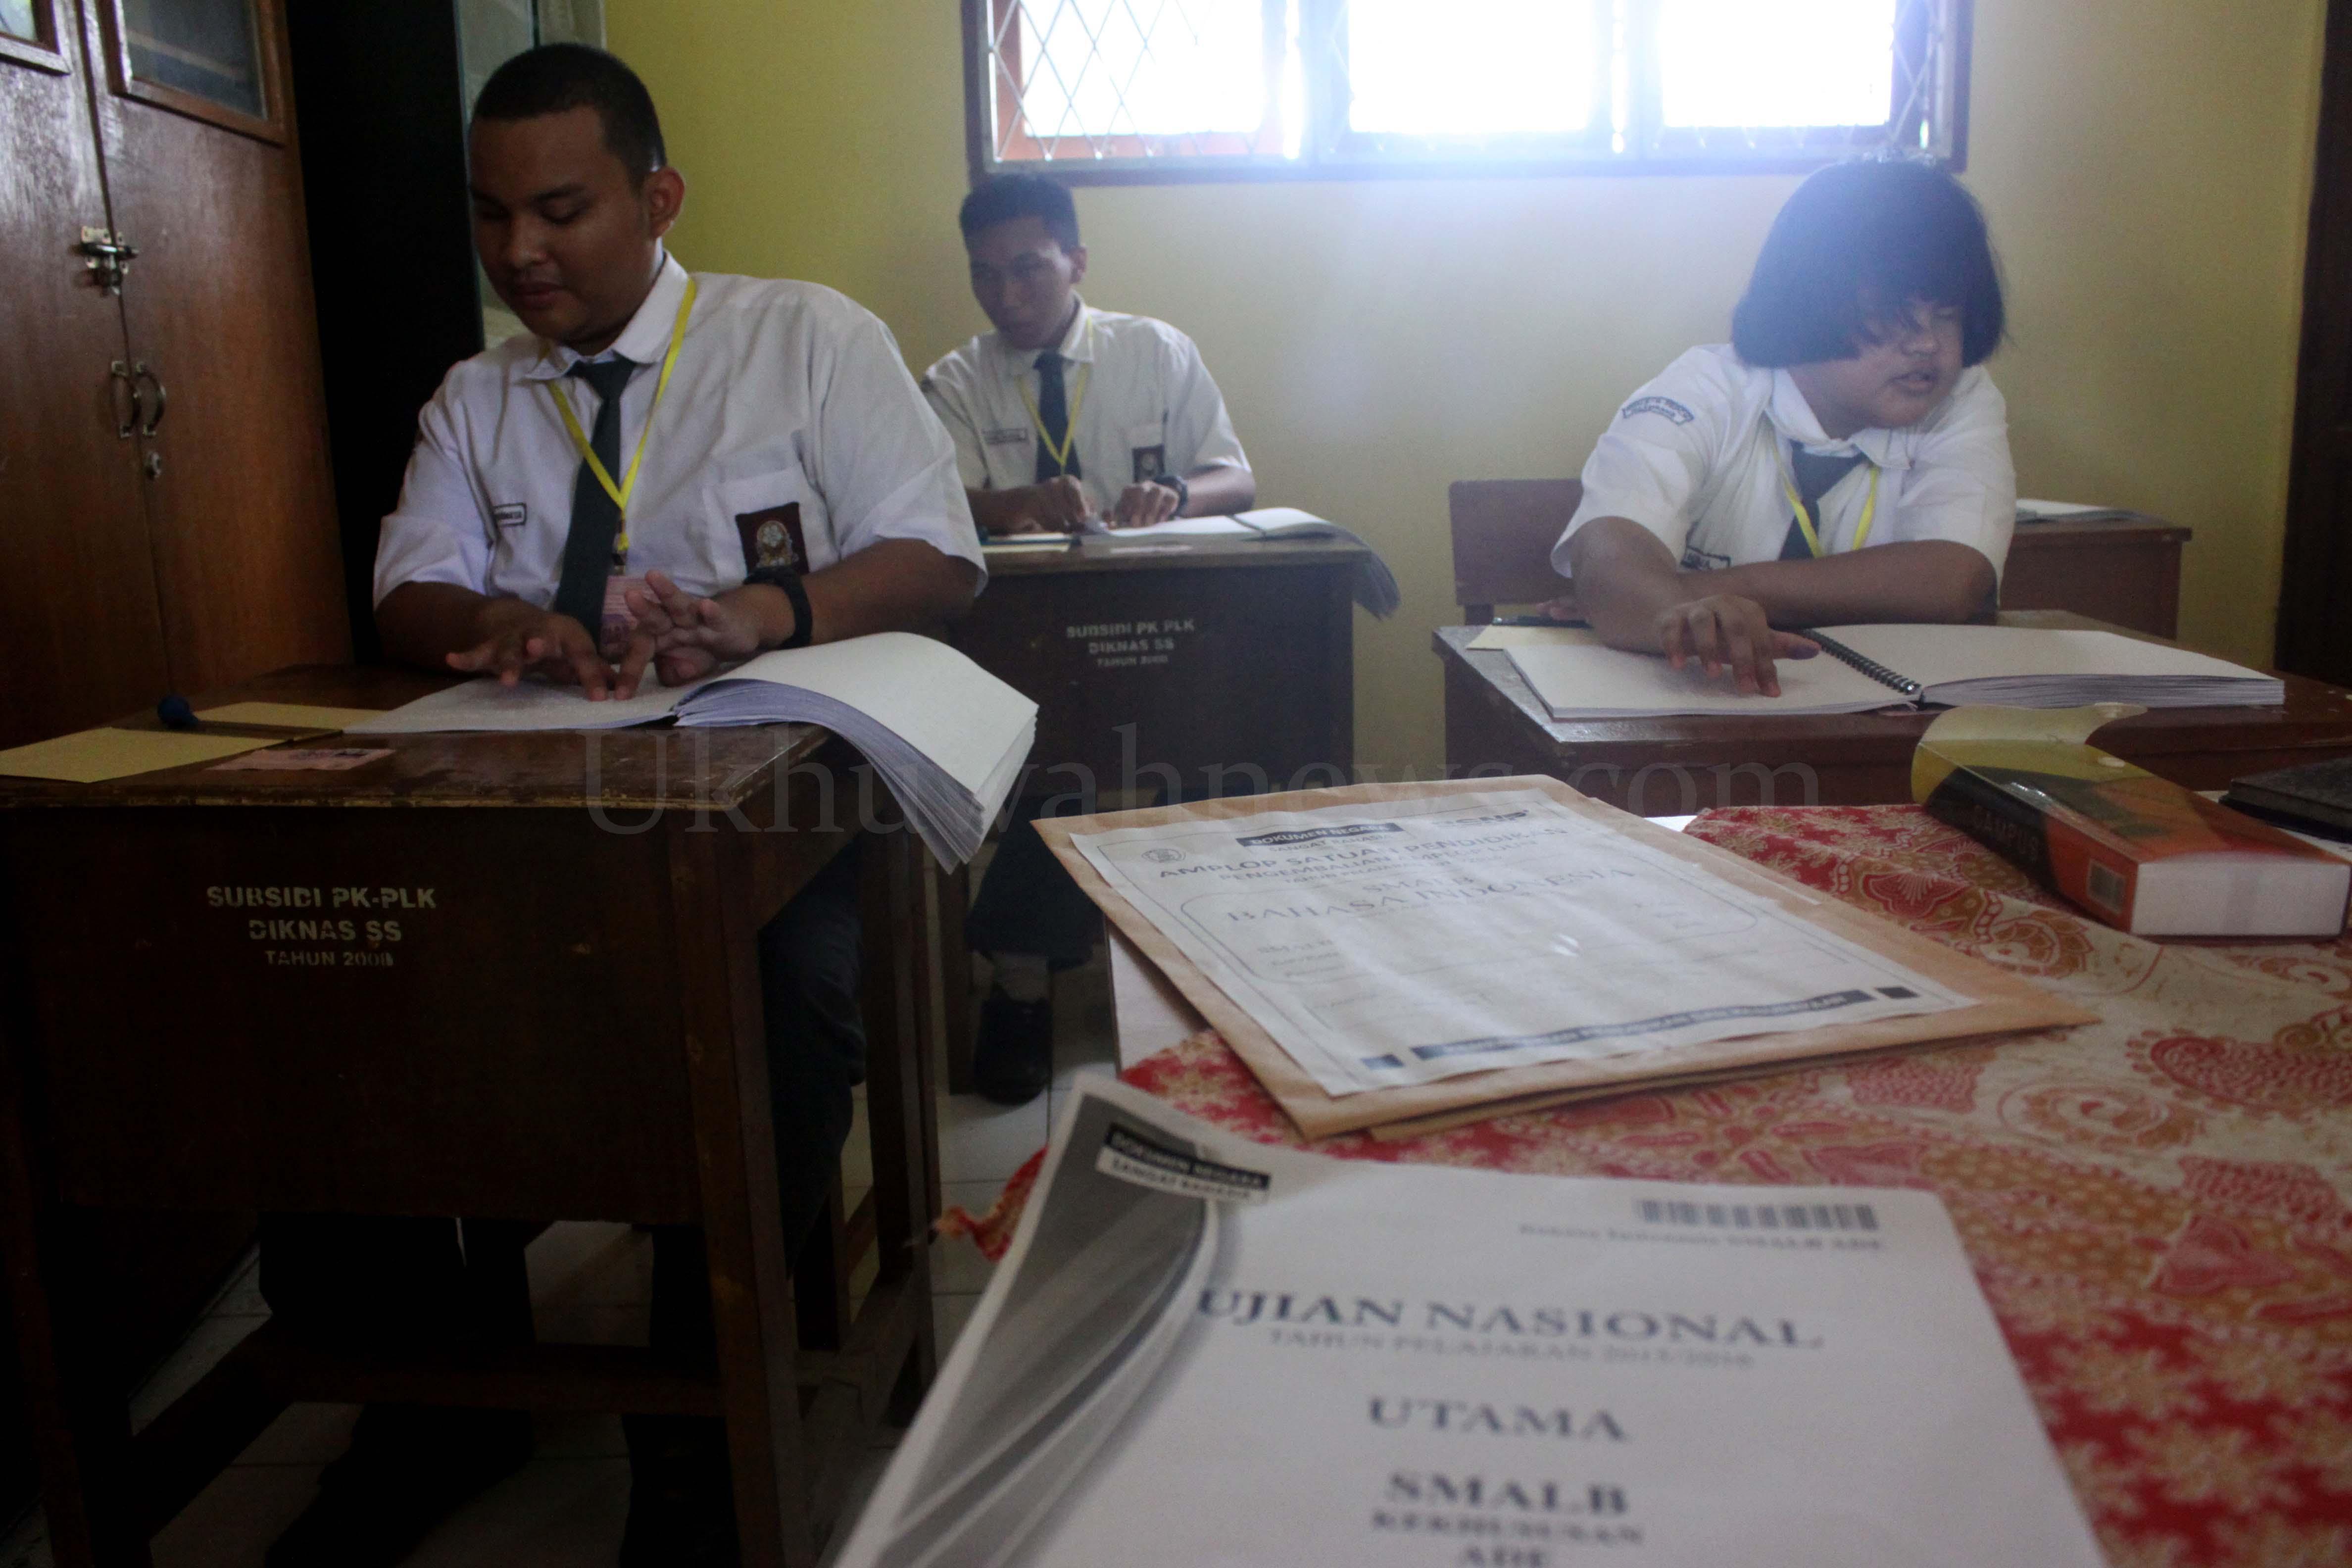 Sejumlah siswa penyandang tunanetra mengikuti Ujian Nasional (UN) 2016 di yayasan pendidikan anak cacat (YPAC) Palembang, Sumatera Selatan, Senin (4/4/2016). Ujian nasional ini diikuti oleh lima siswa-siswi penyandang tunanetra, dua laki-laki dan tiga perempuan. Hairul Akbar/Ukhuwahnews.com